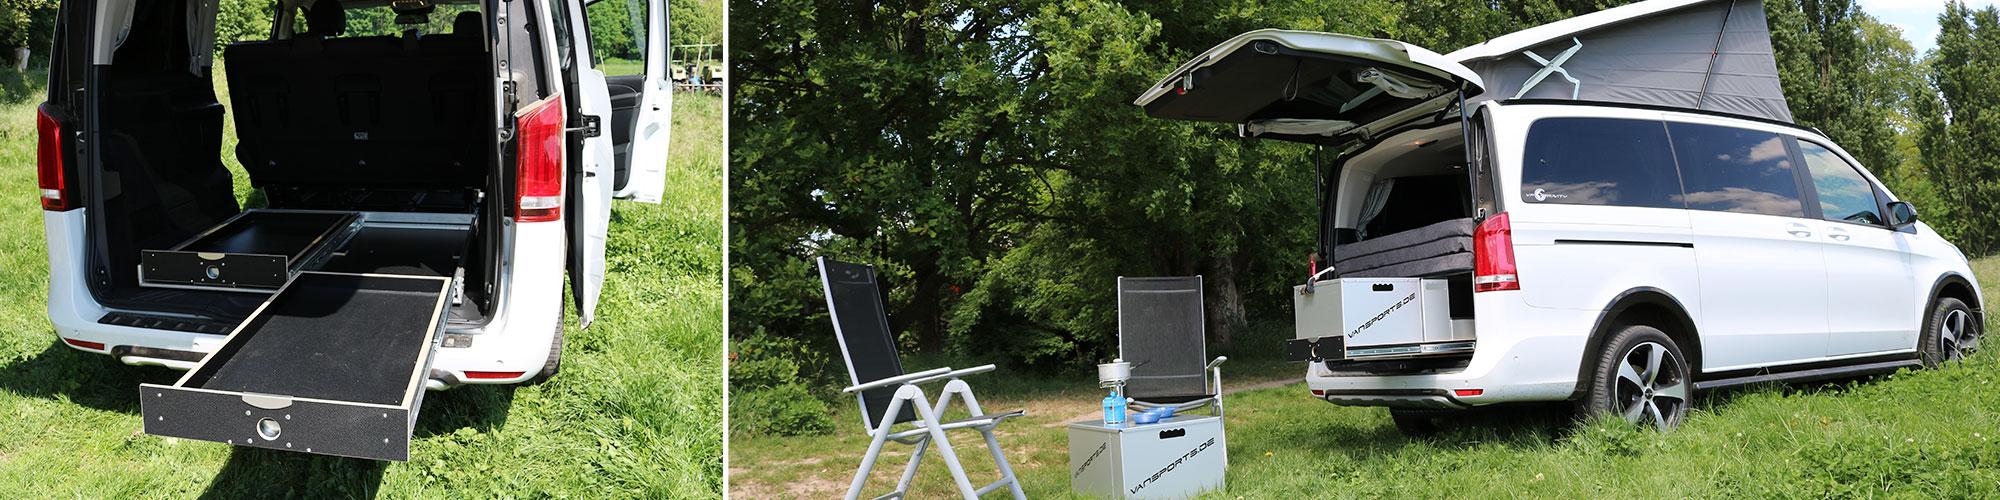 Die ausgefahrenen Schienen der Campingbox für die V-Klasse auf einer Wiese